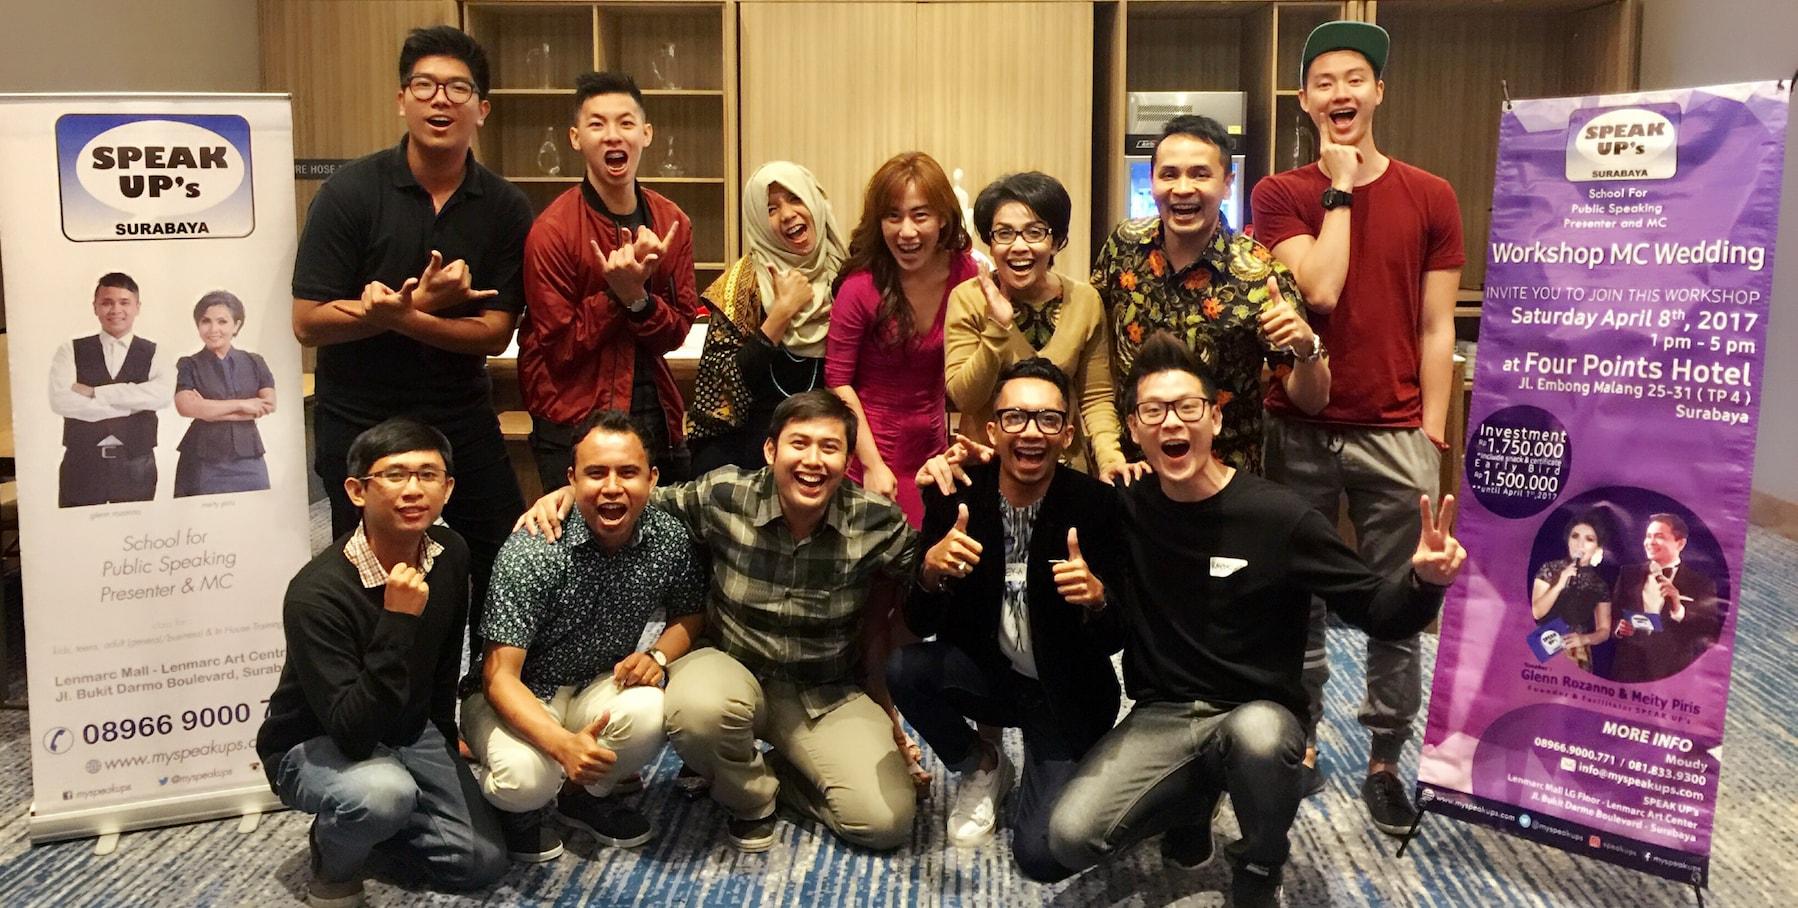 Speak Up's Surabaya